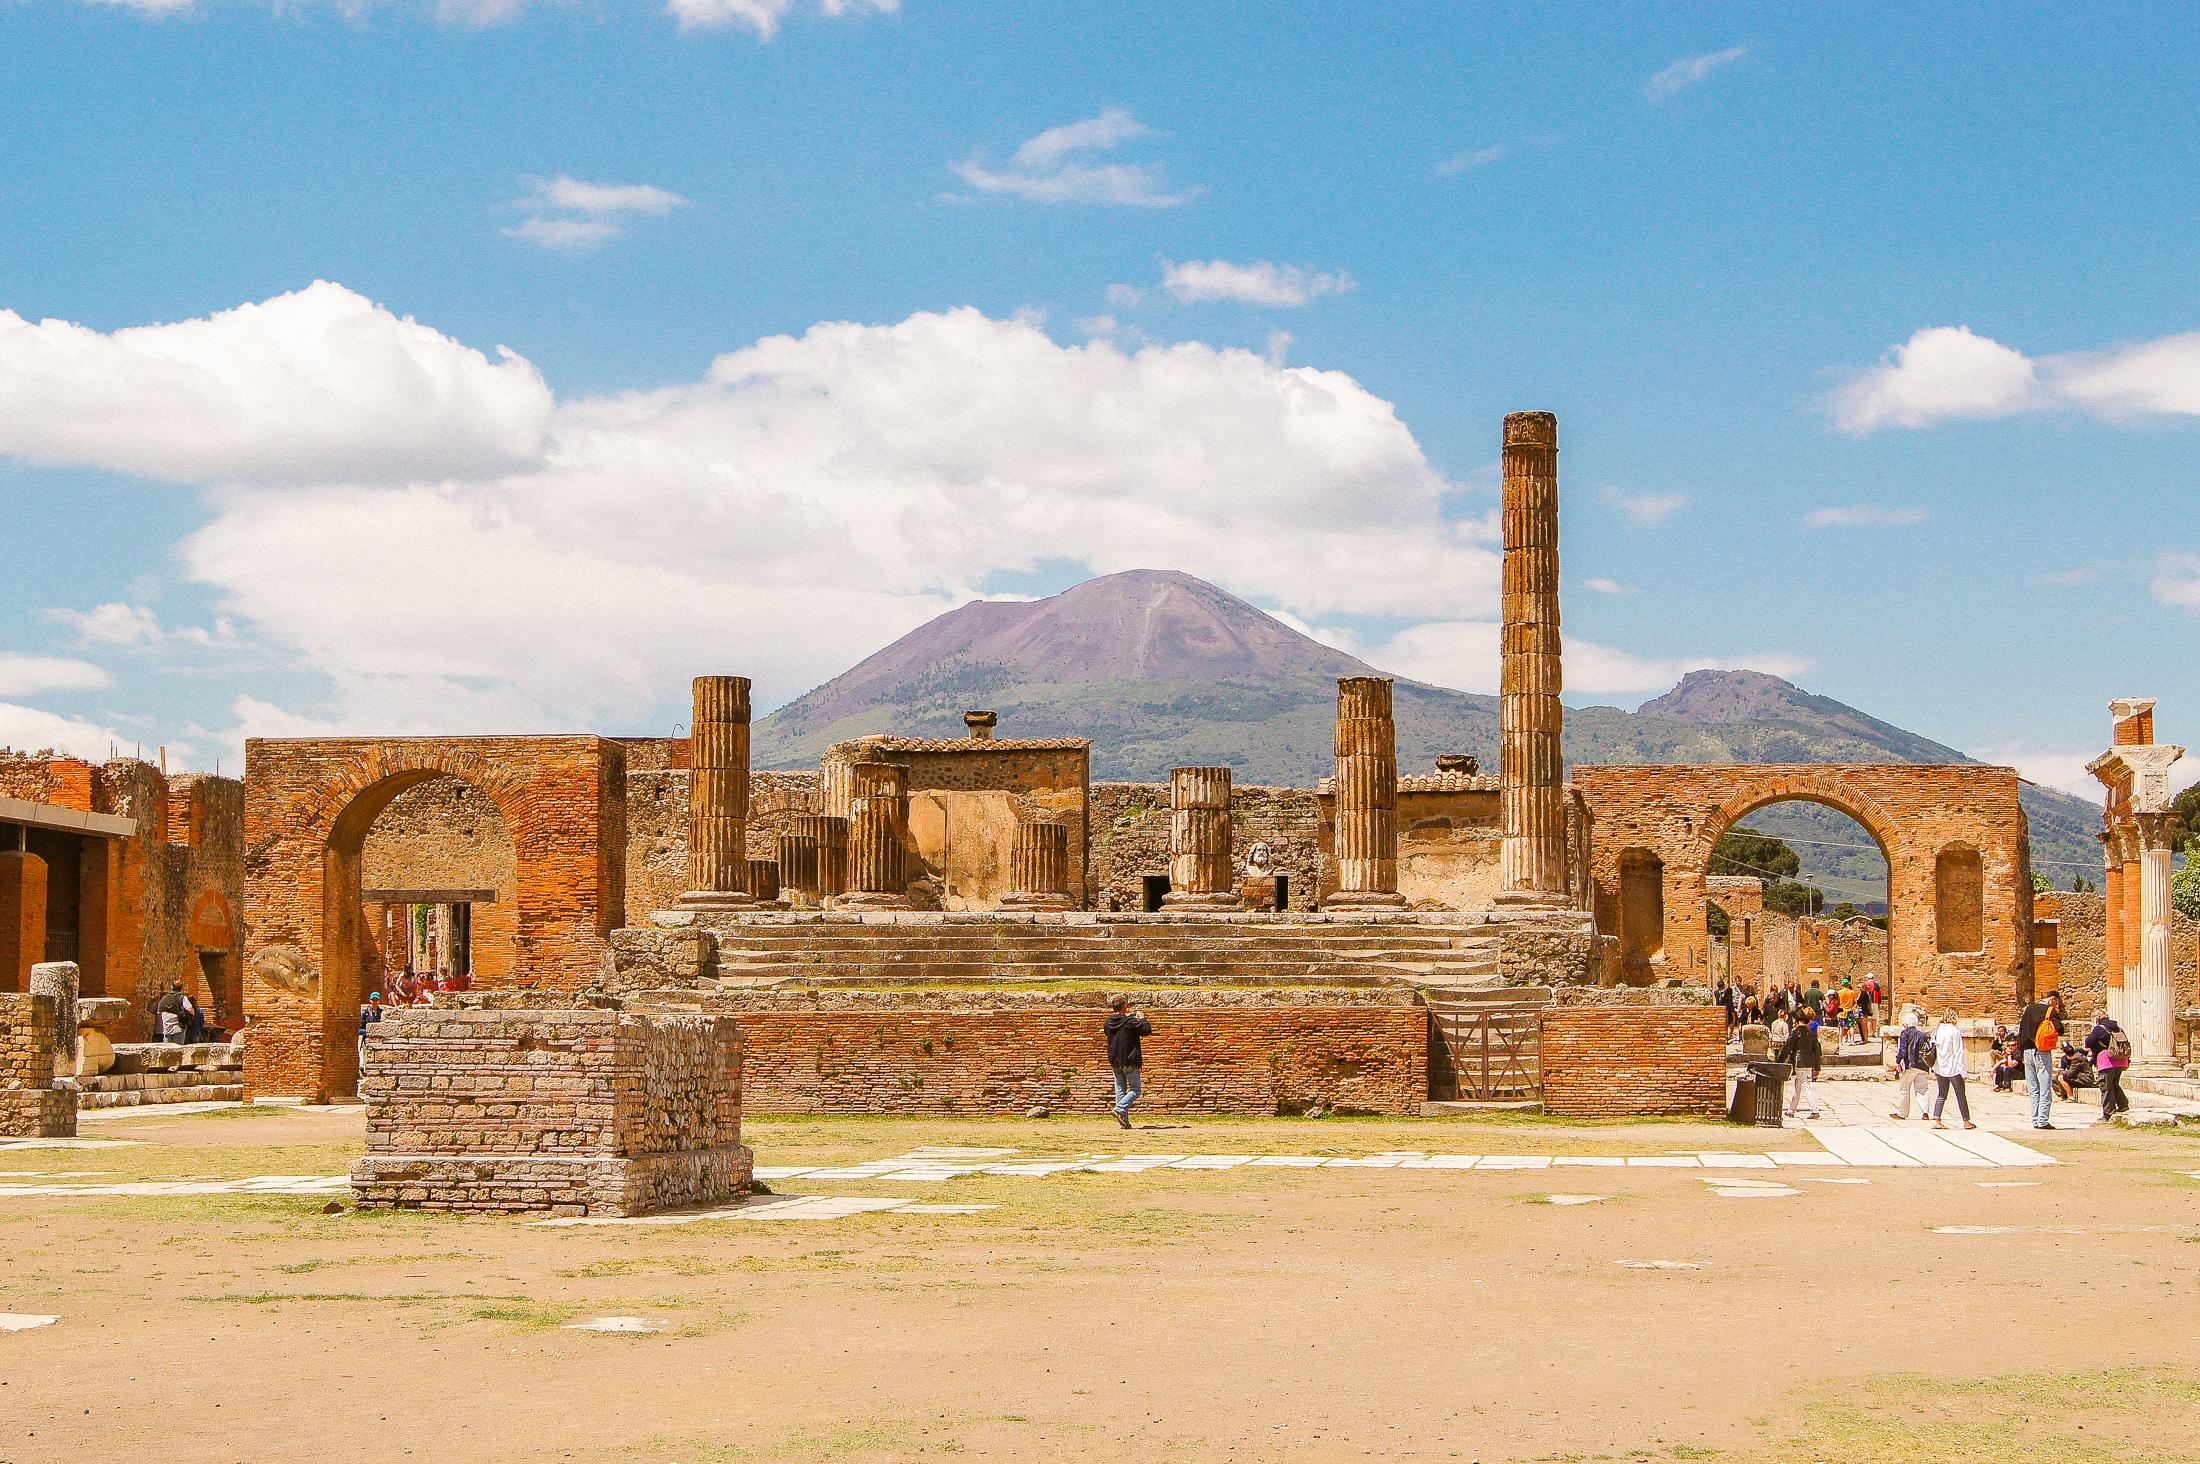 ruinstaden Pompeji i Italien, med vulkanen Vesuvius i bakgrunden.